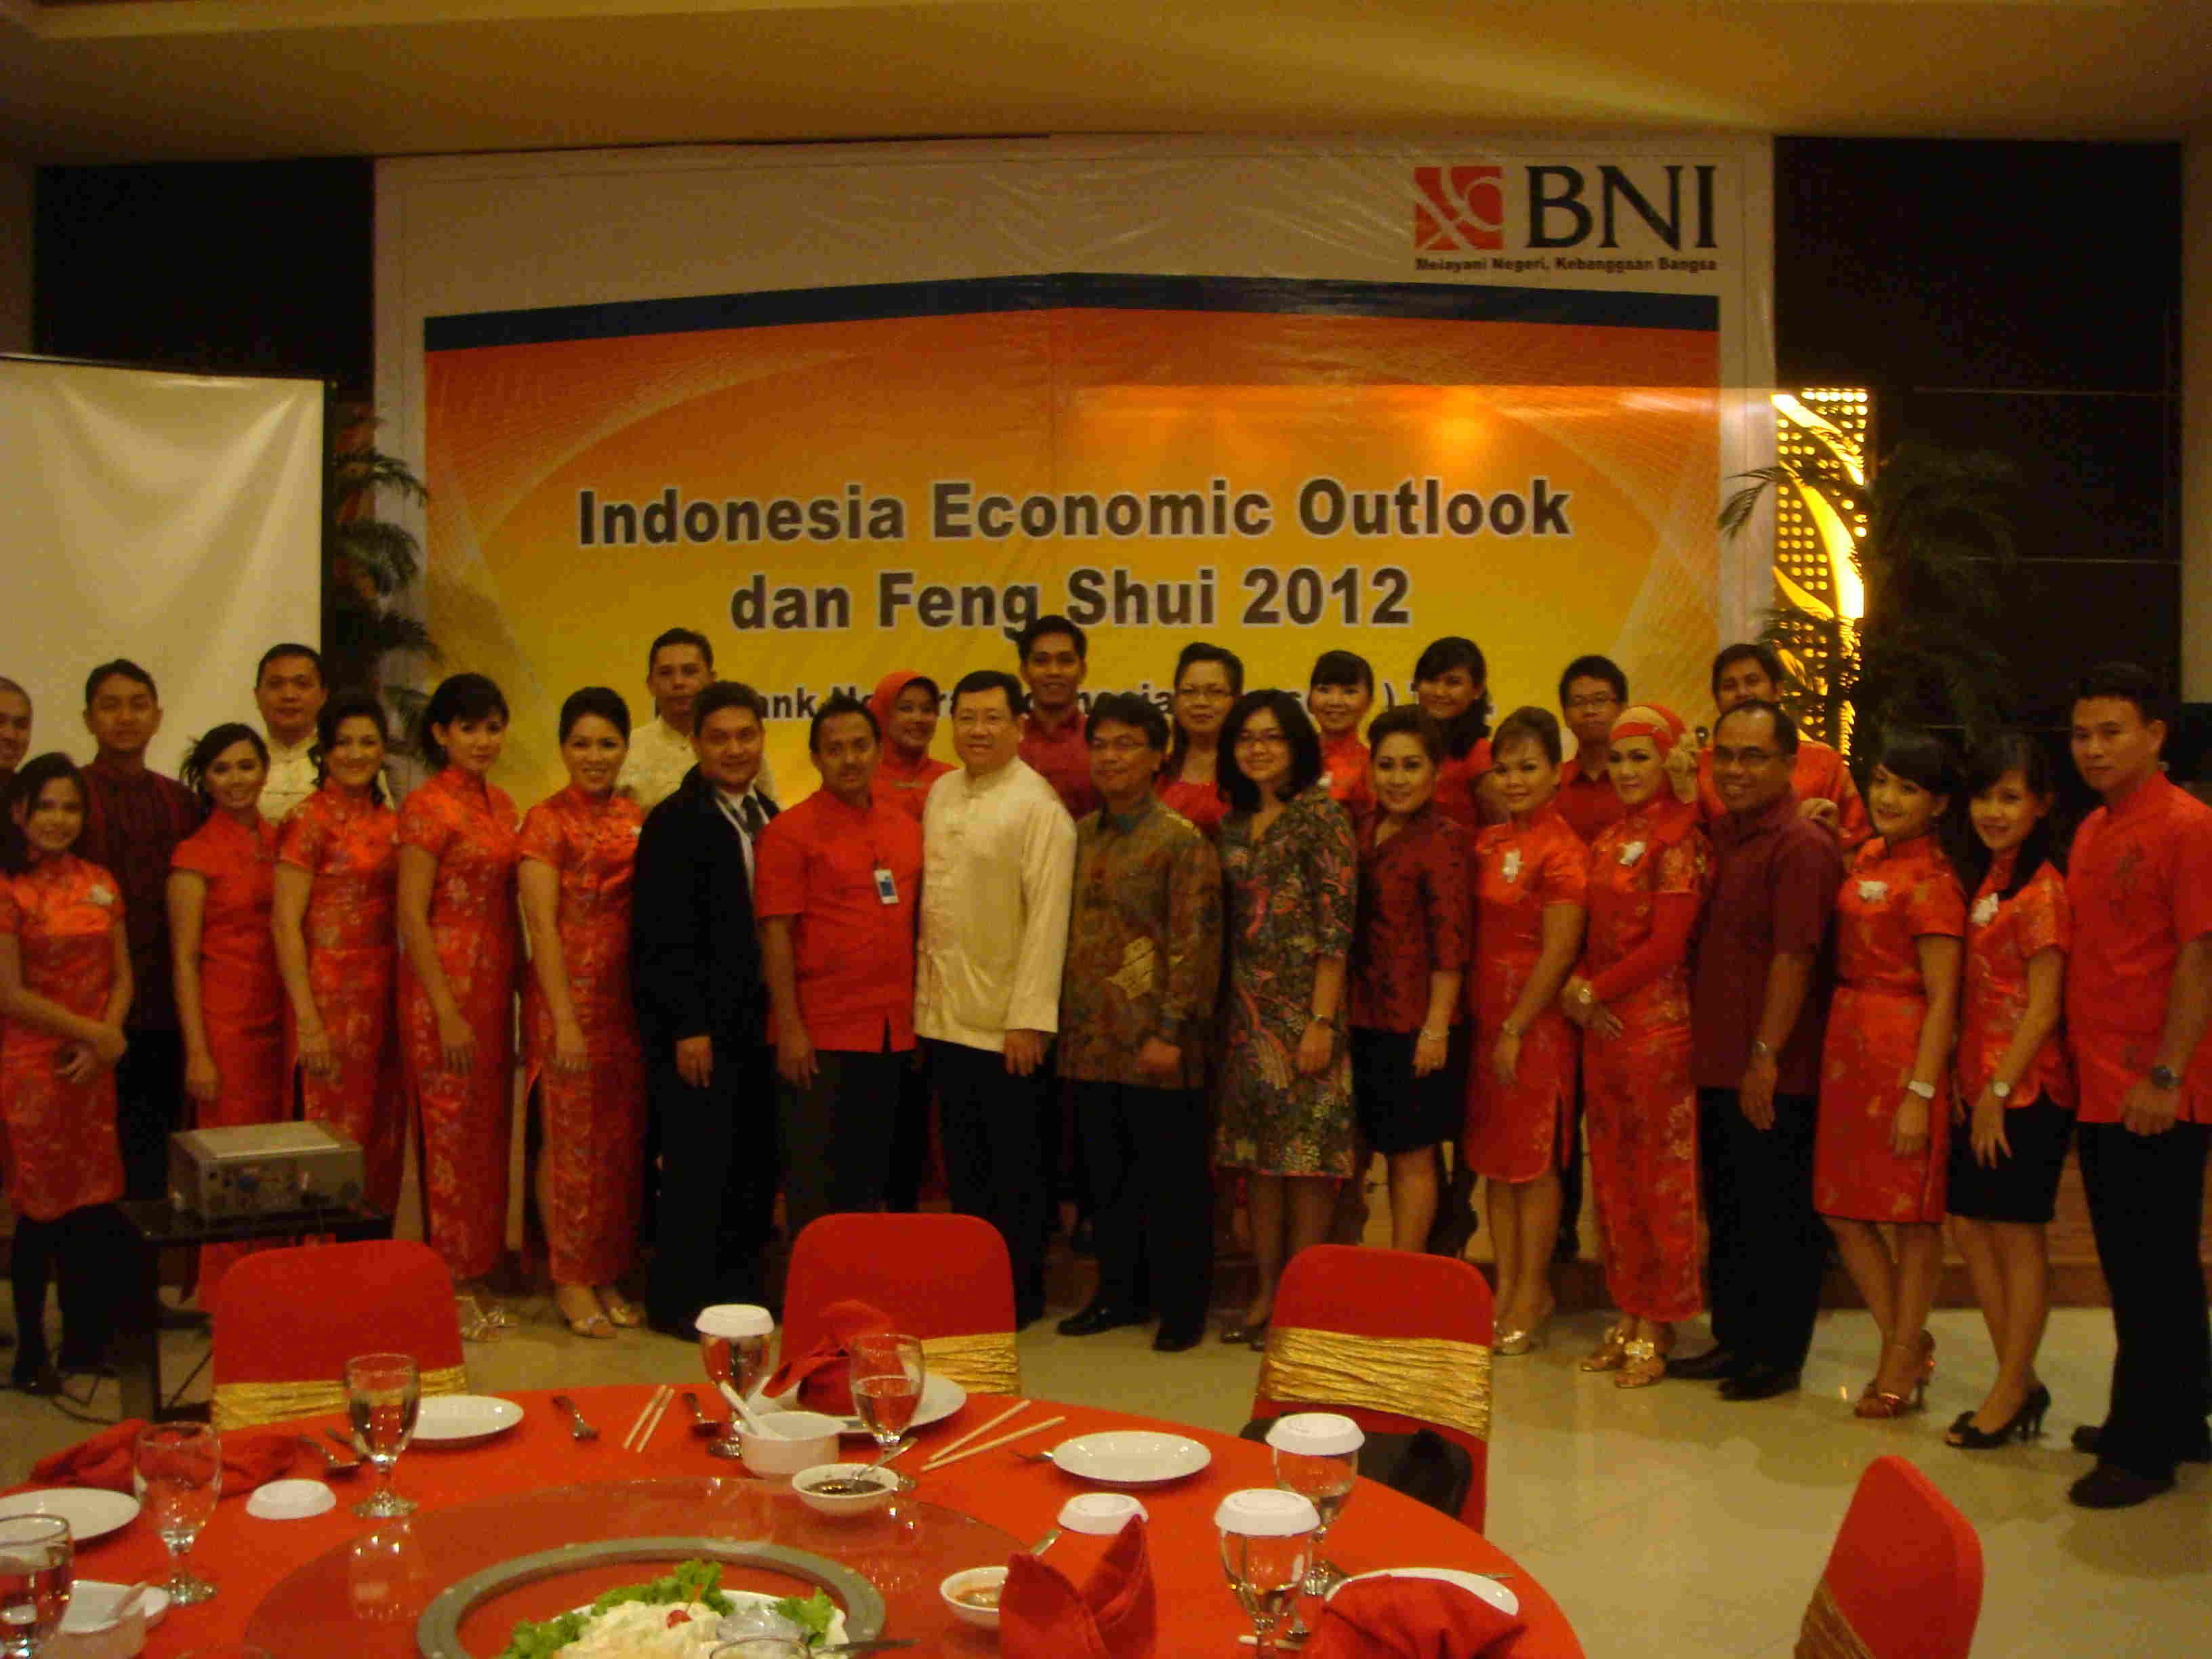 Bank Bni 46 Makasar Dan Feng Shui Koh